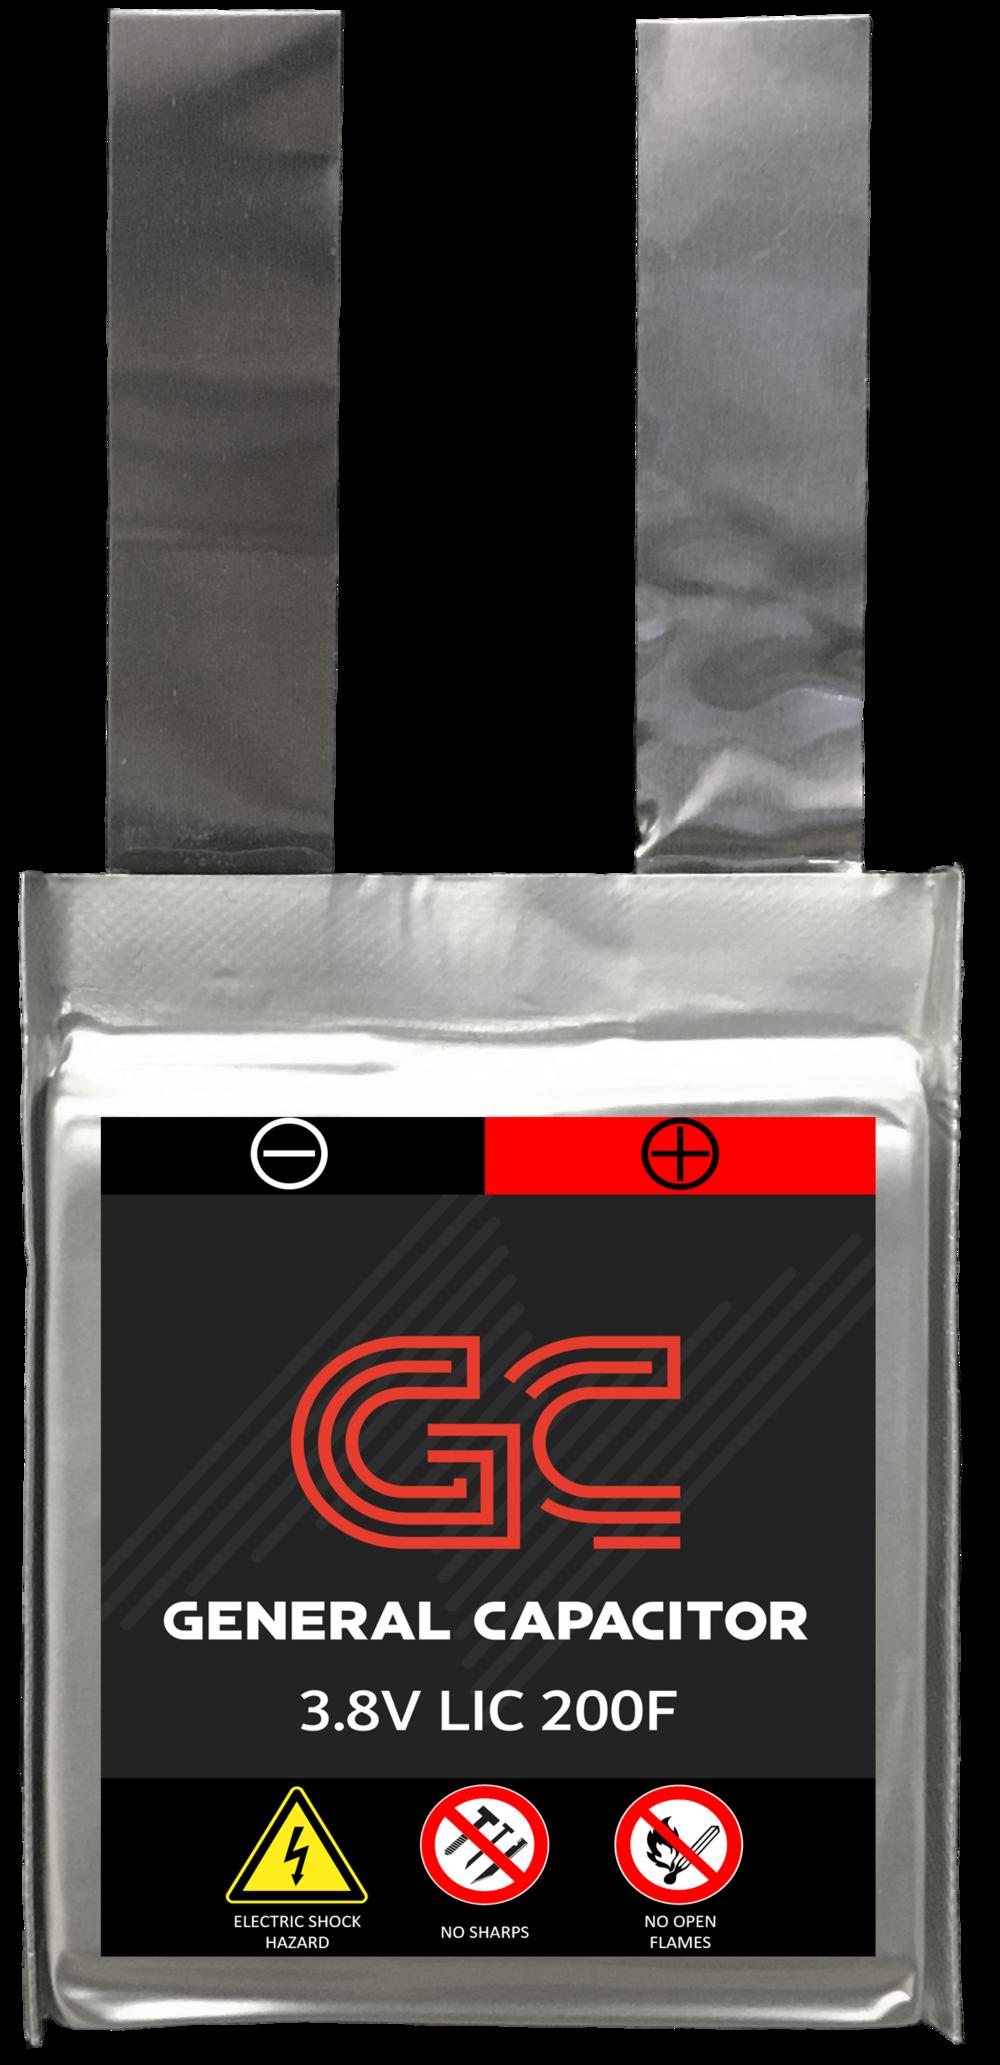 GC 3.8V LIC200F